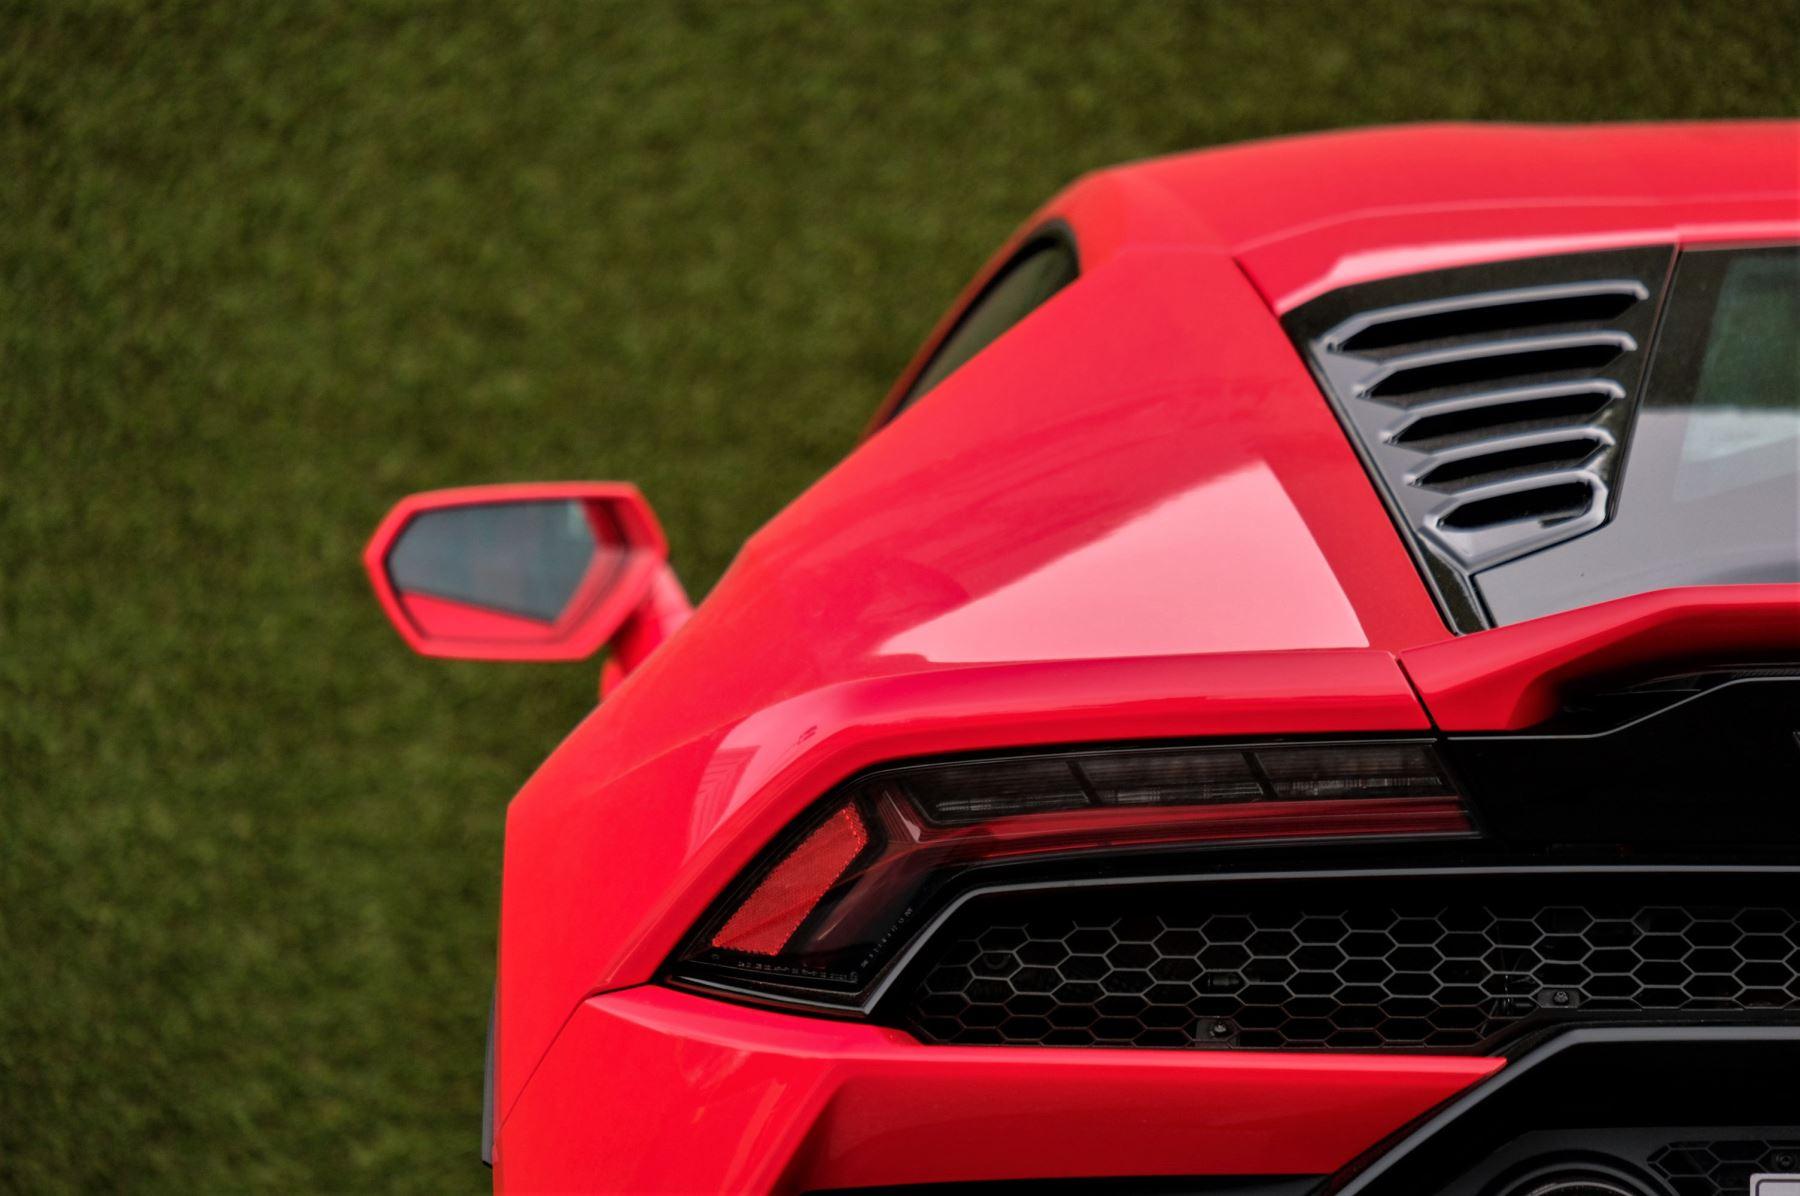 Lamborghini Huracan 5.2 V10 640 2dr Auto AWD image 11